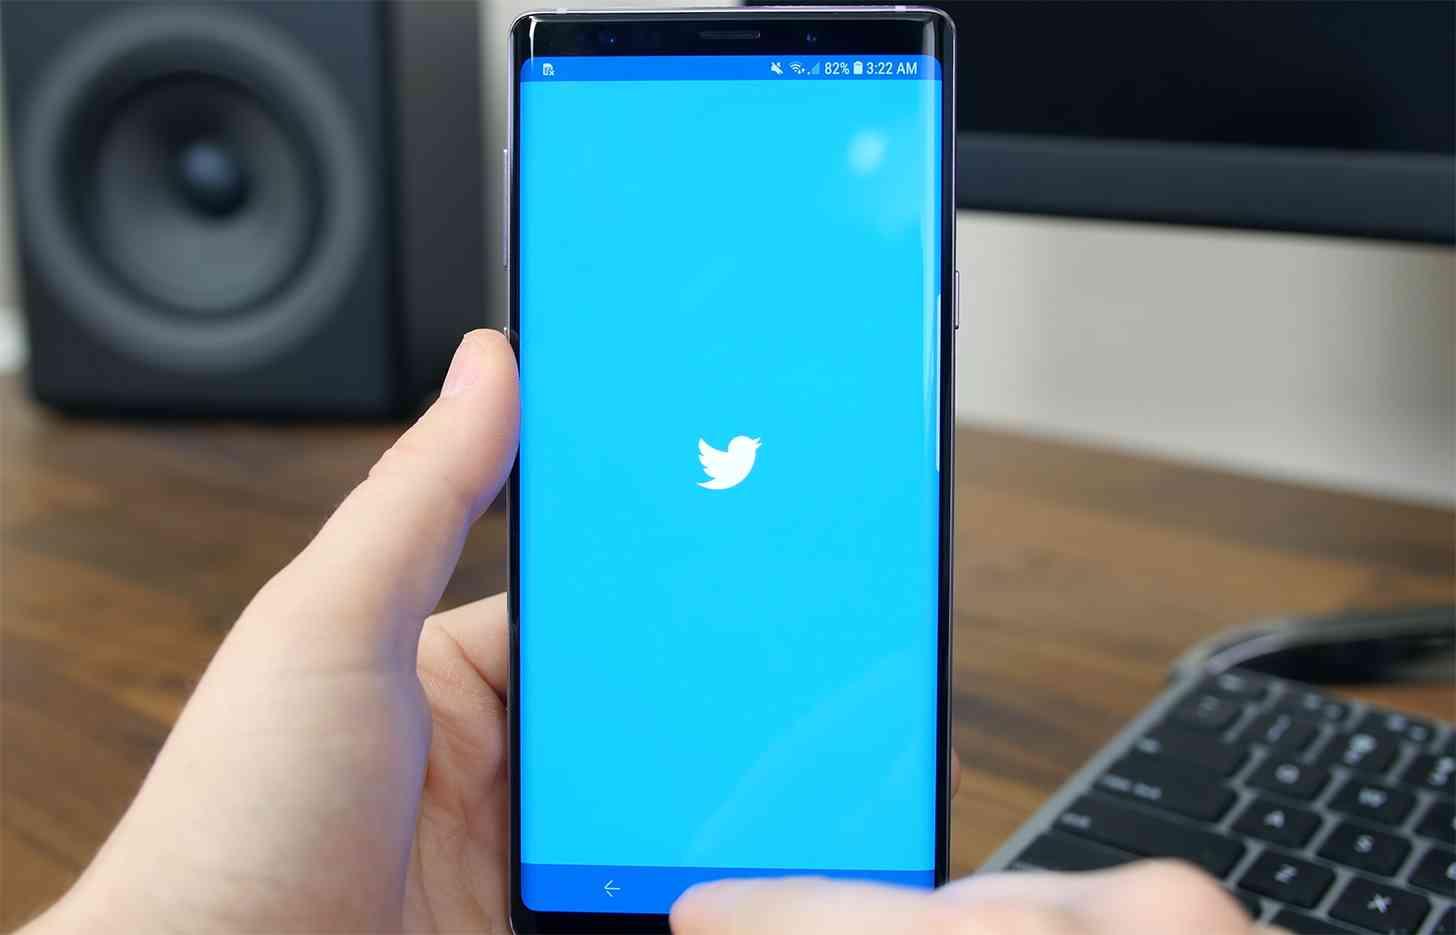 Twitter Samsung Galaxy Note 9